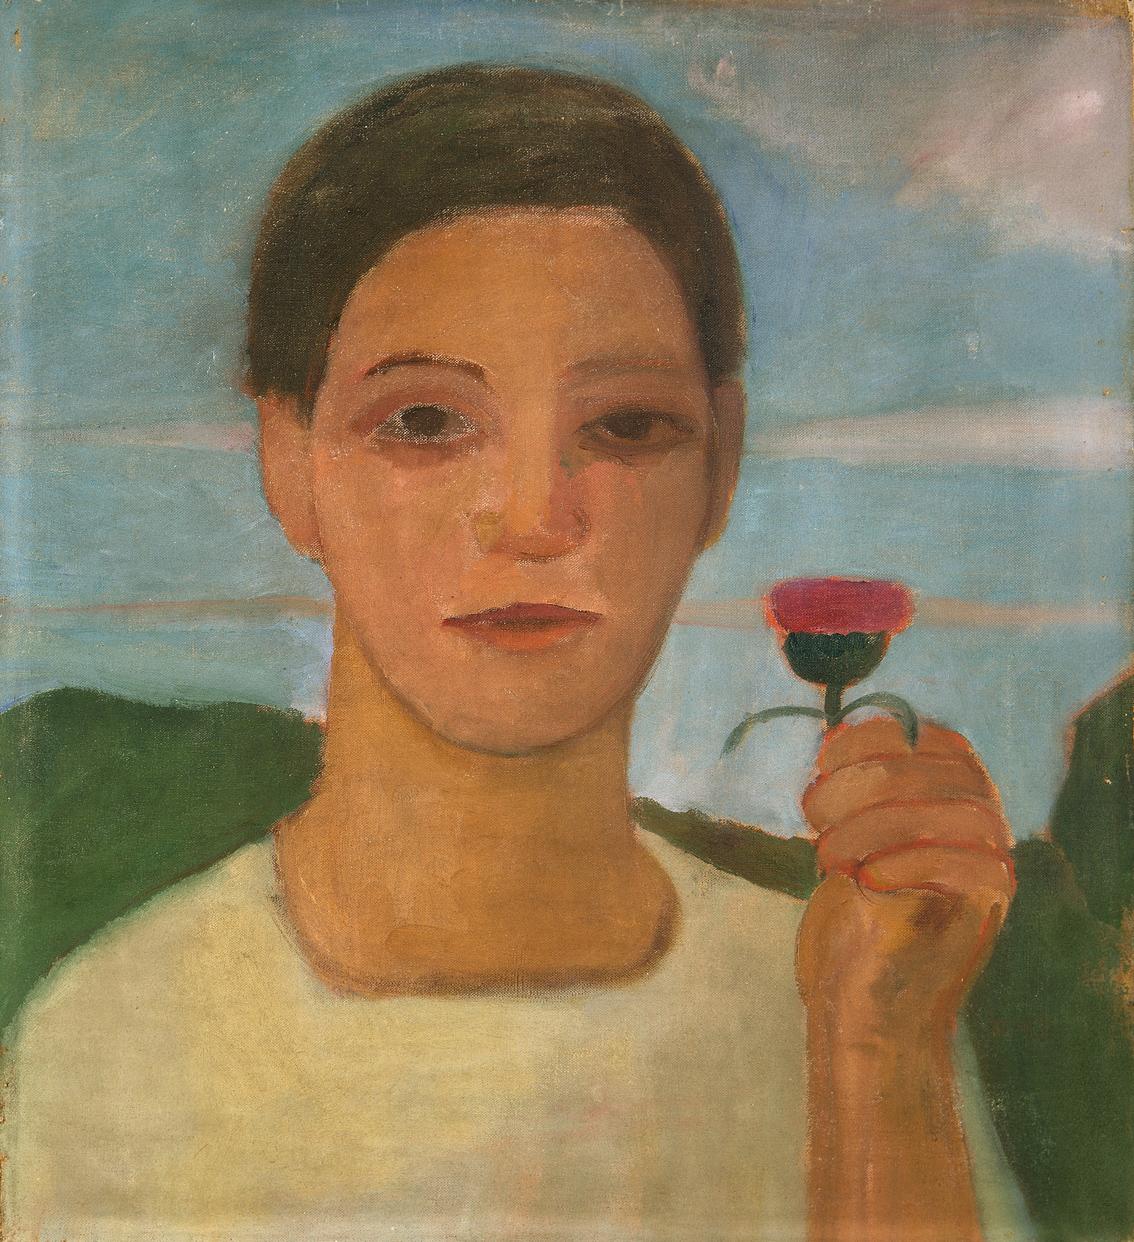 """Paula Modersohn-Becker, """"Retrato de su hermana Herma con una flor, h. 1906."""